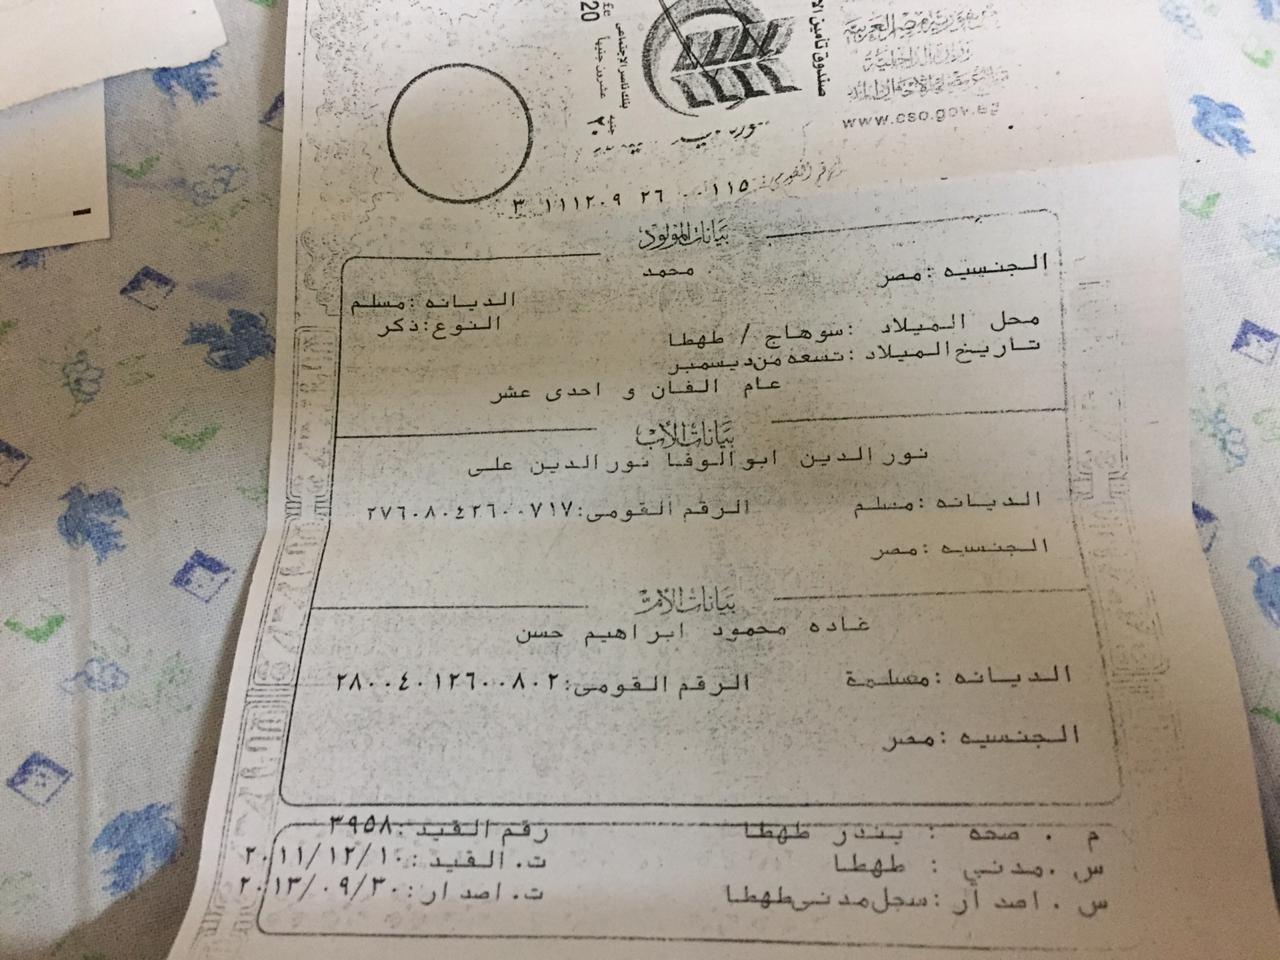 أرملة بسوهاج تعول طفلين ومديونة بسبب العلاج  (1)